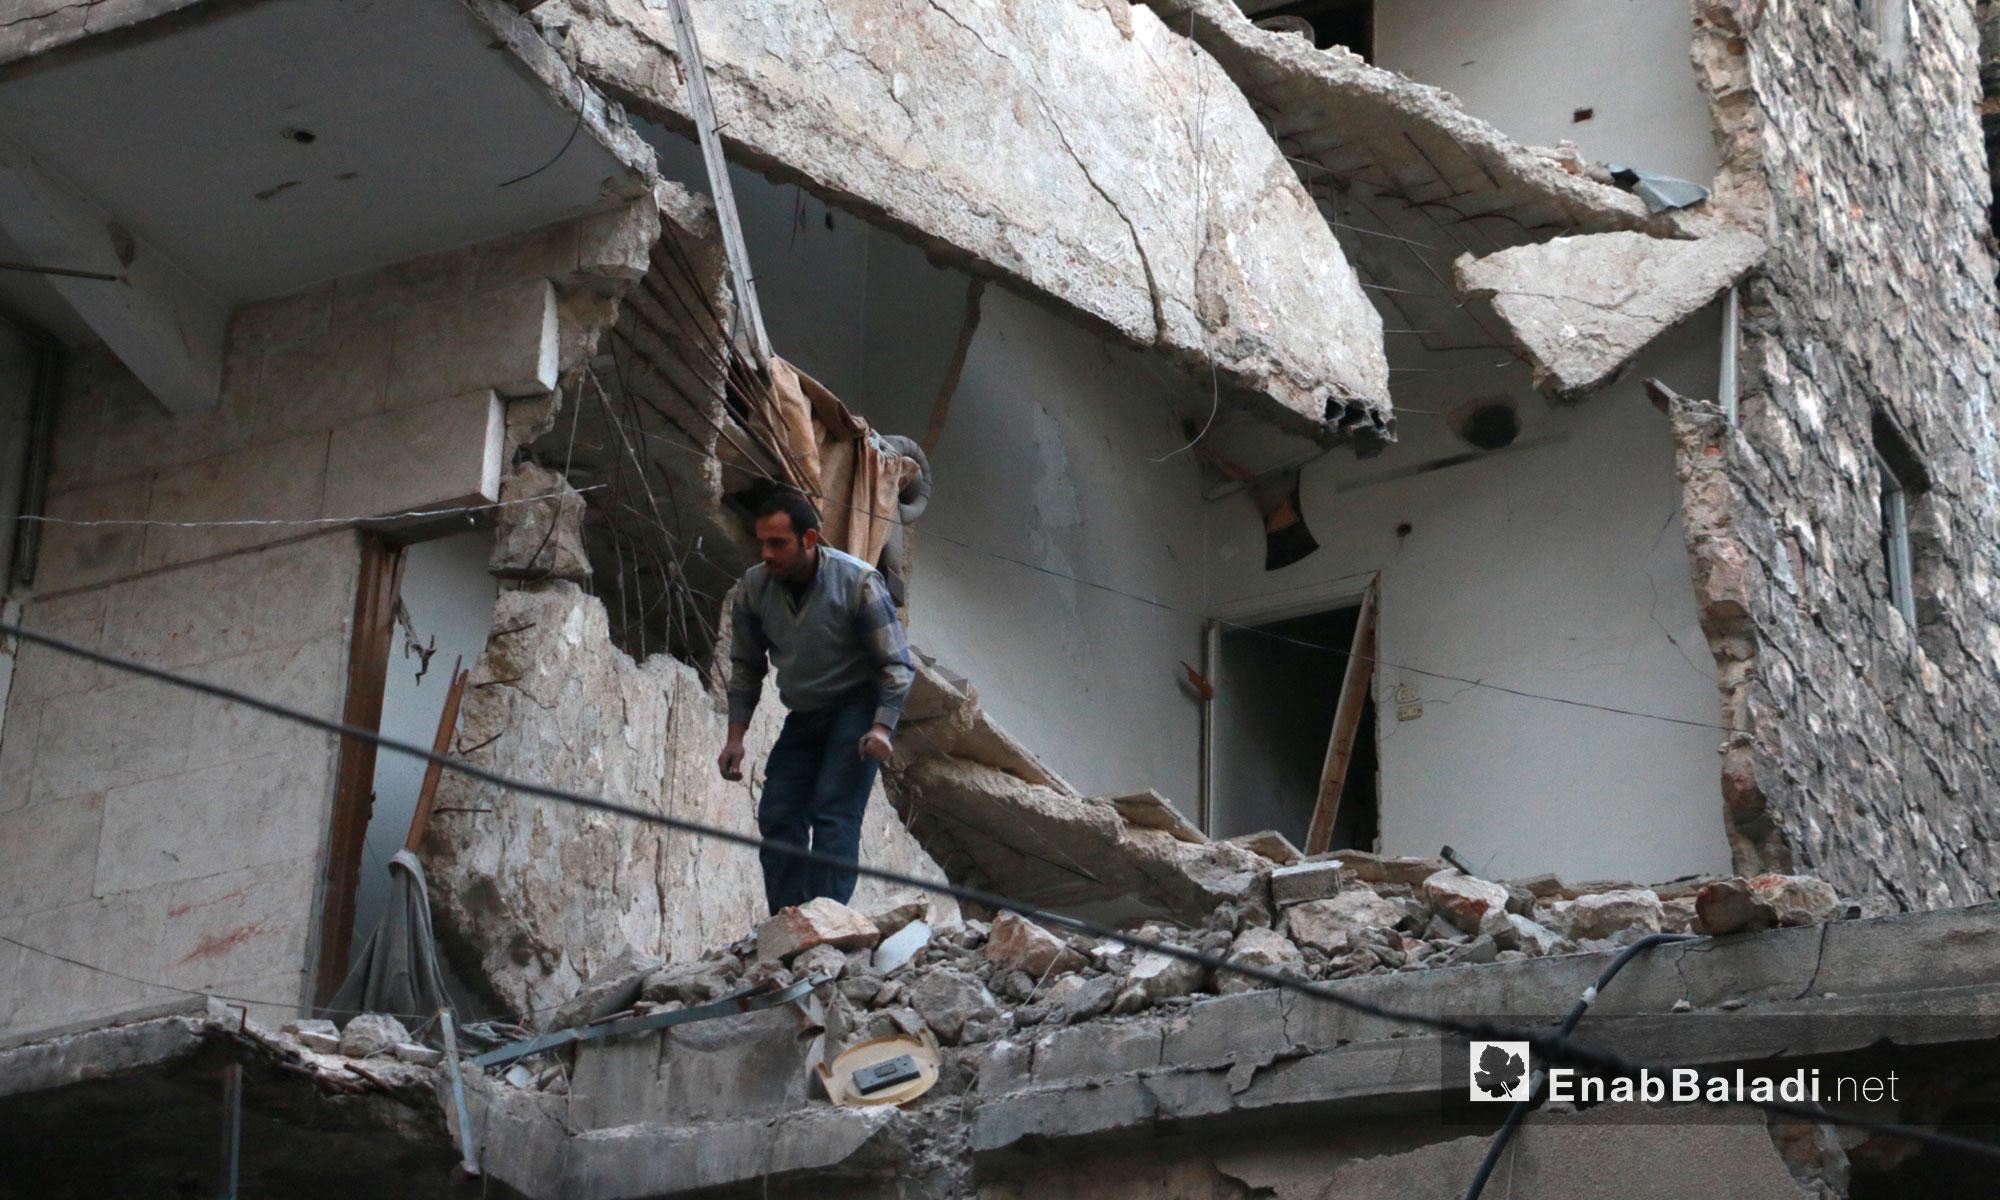 رجل يحاول انتشال جرحى جراء القصف في حي الشعار بحلب - 17 تشرين الثاني 2016 (عنب بلدي)